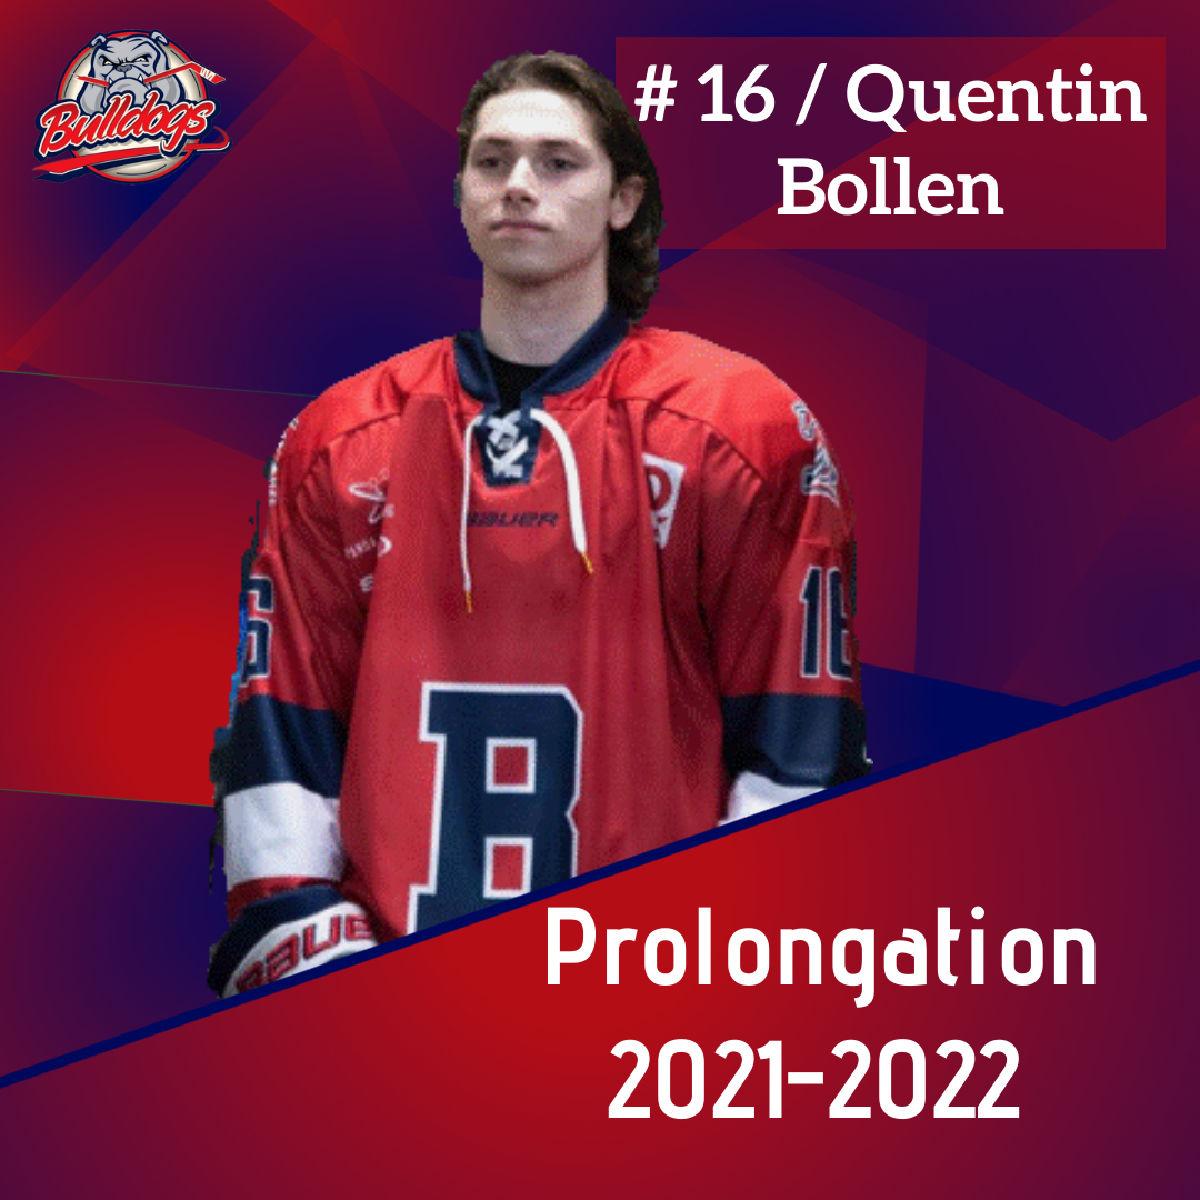 Prolongation pour Quentin Bollen avec les Bulldogs de Liège